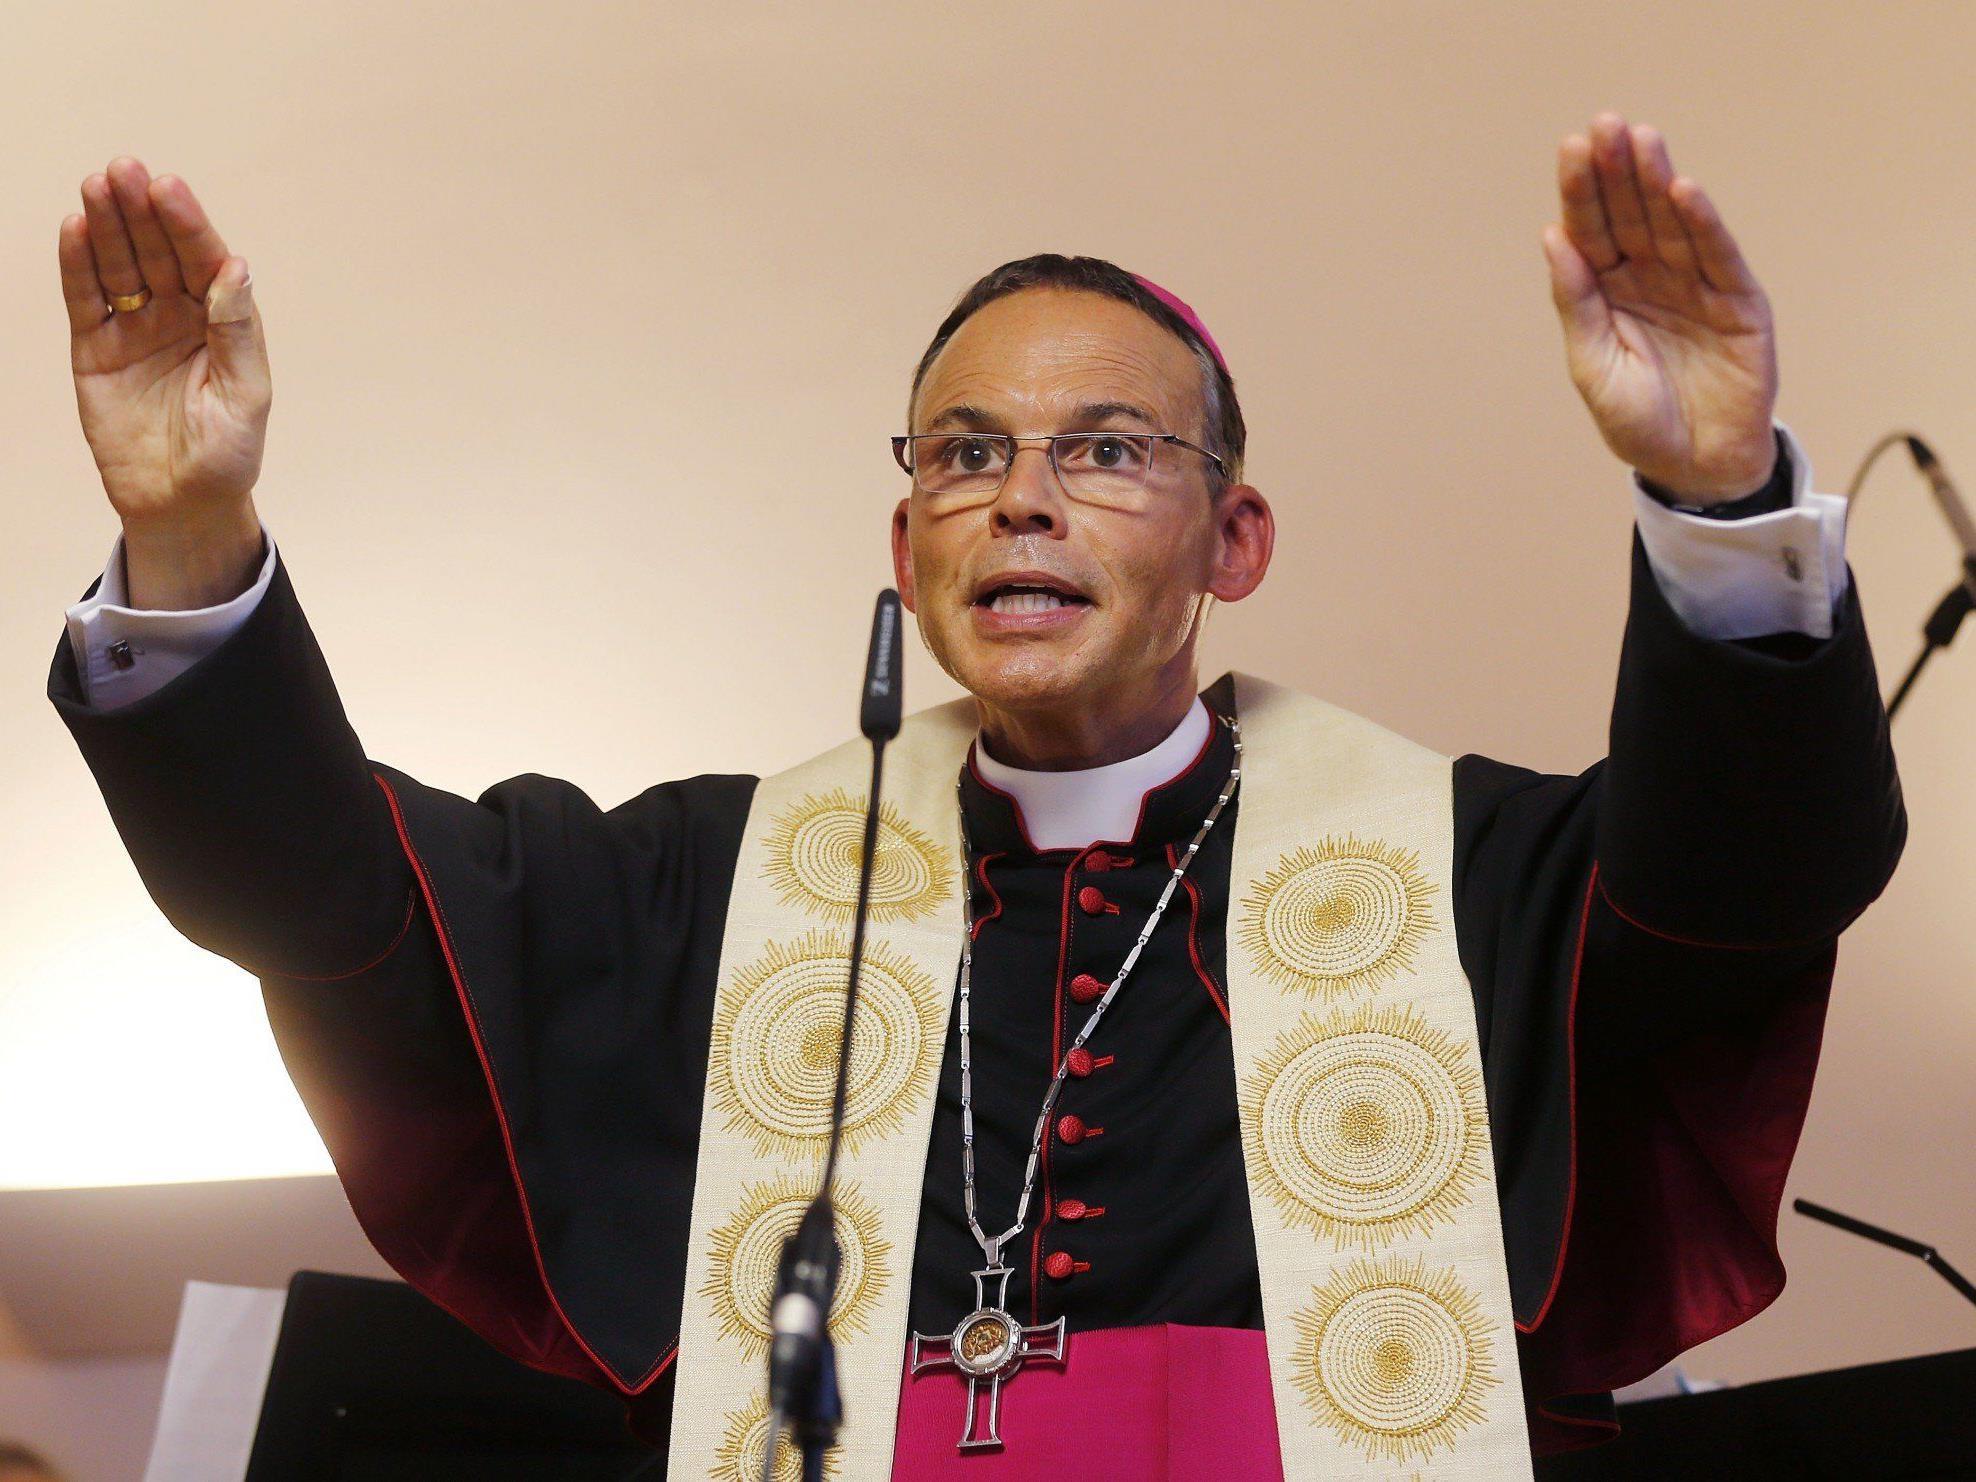 Deutscher Bischof soll falsche eidesstattliche Versicherung abgegeben haben.